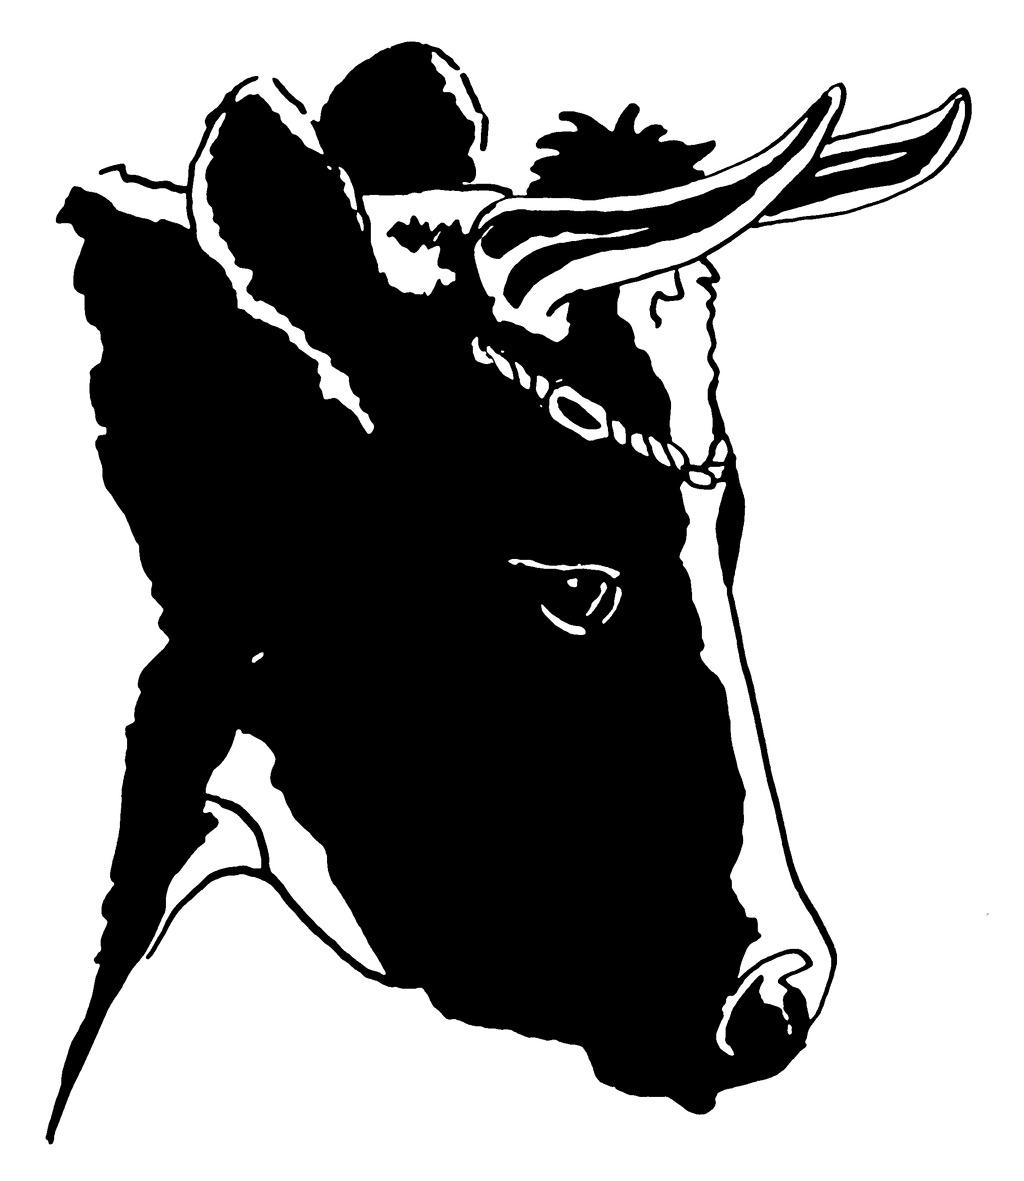 色彩 位图 位图 抽象动物 色彩 黑白色 马 面料图库 服装图案 免费